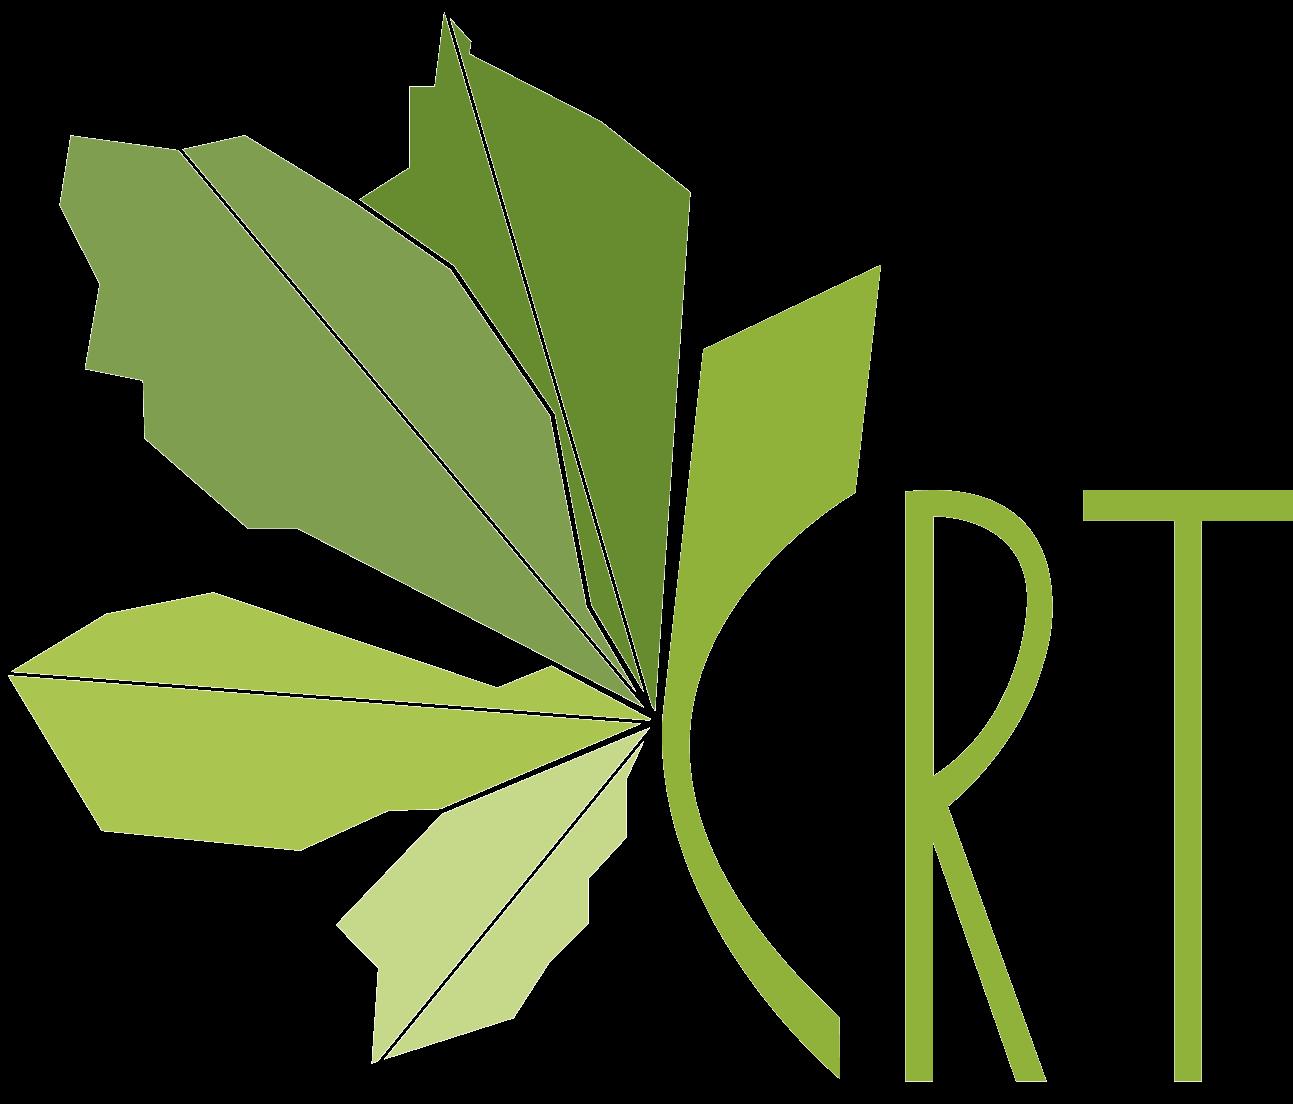 logo_CRT_CMYK_transparant